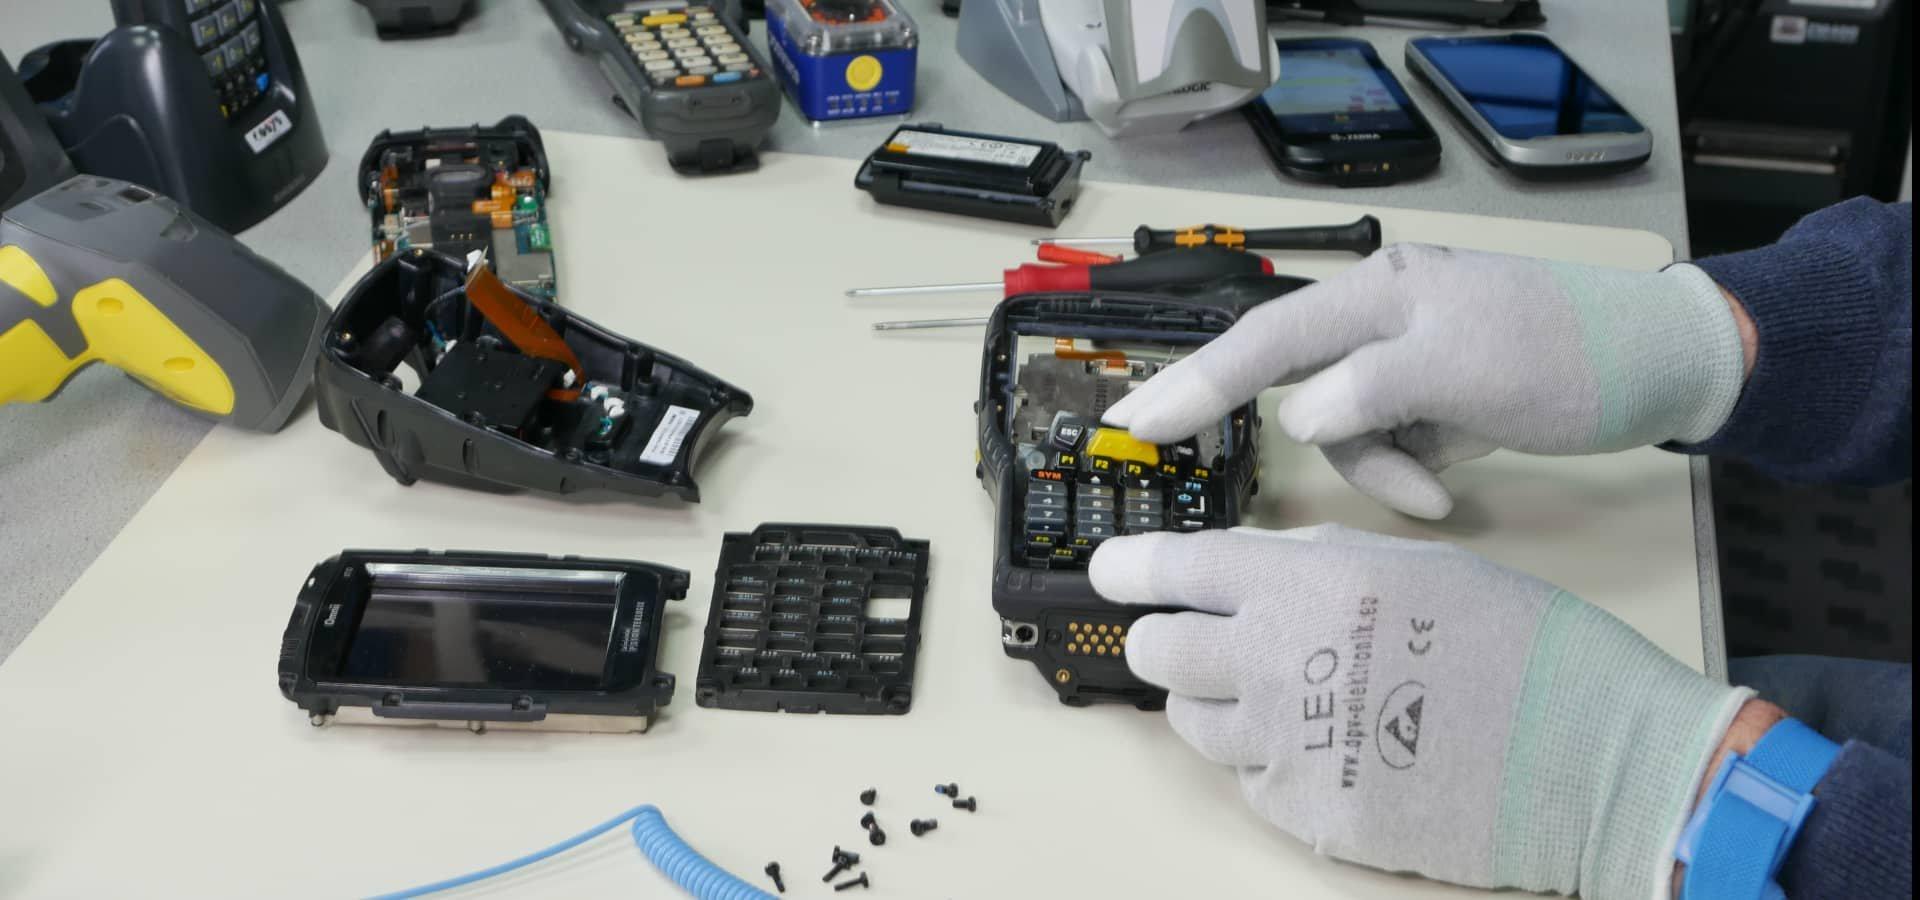 Sorgloser Einsatz Ihrer Barcode Scanner dank COSYS Hardware Full-Service Vereinbarungen